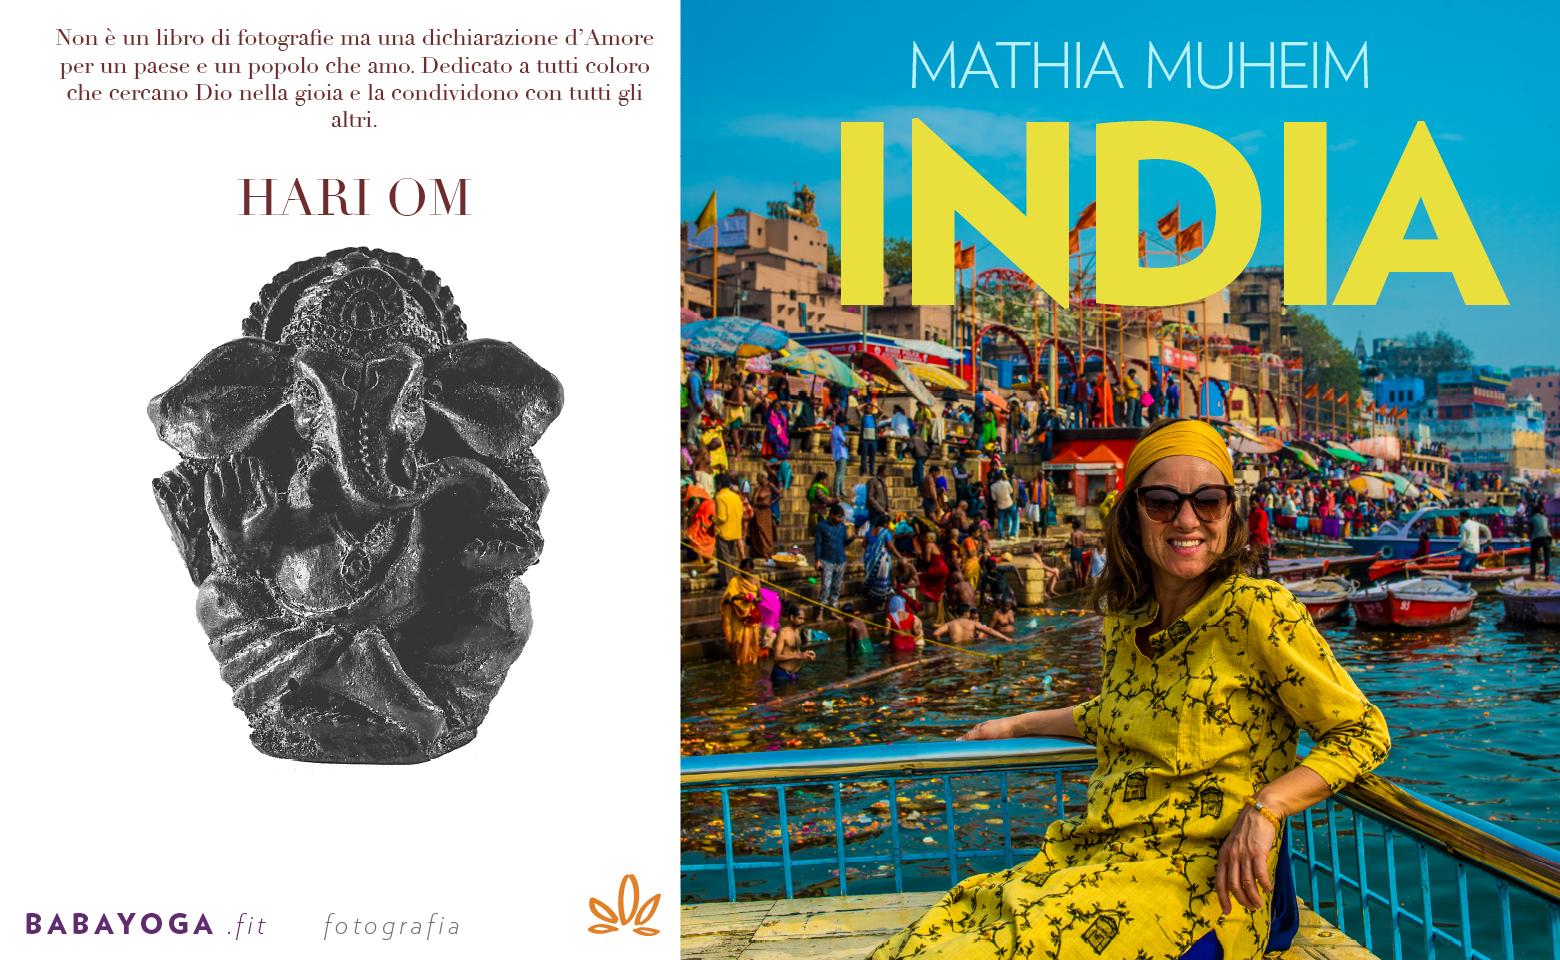 INDIA Copertina.jpg